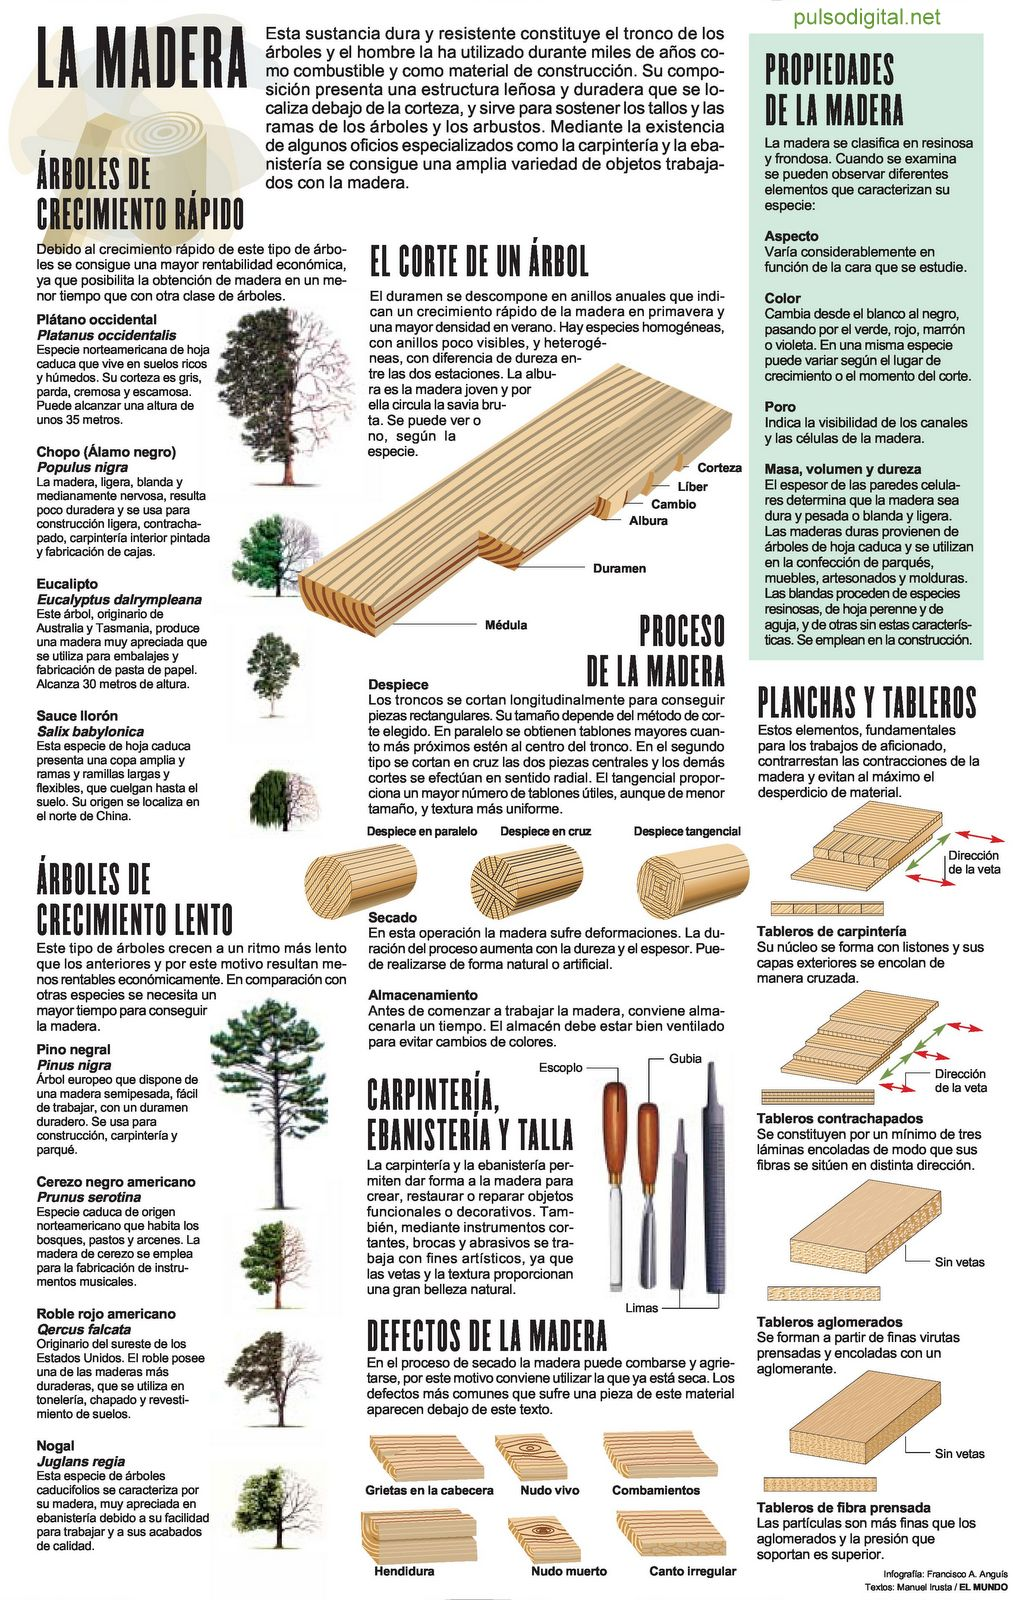 La madera - Lamina escolar